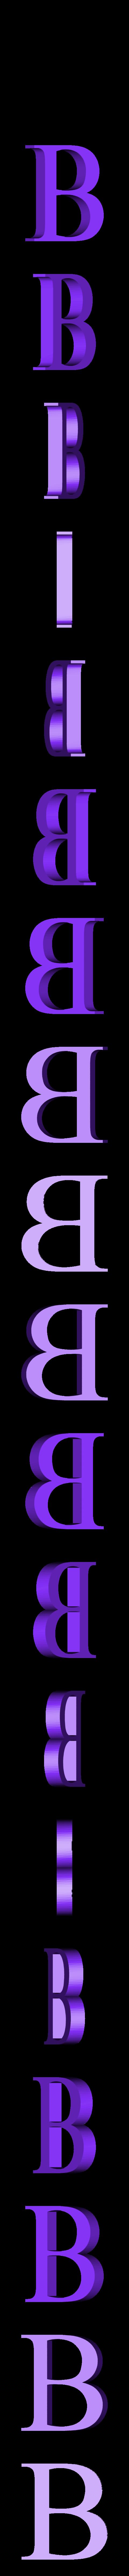 B.STL Télécharger fichier STL gratuit alphabet • Modèle pour imprimante 3D, Cerega